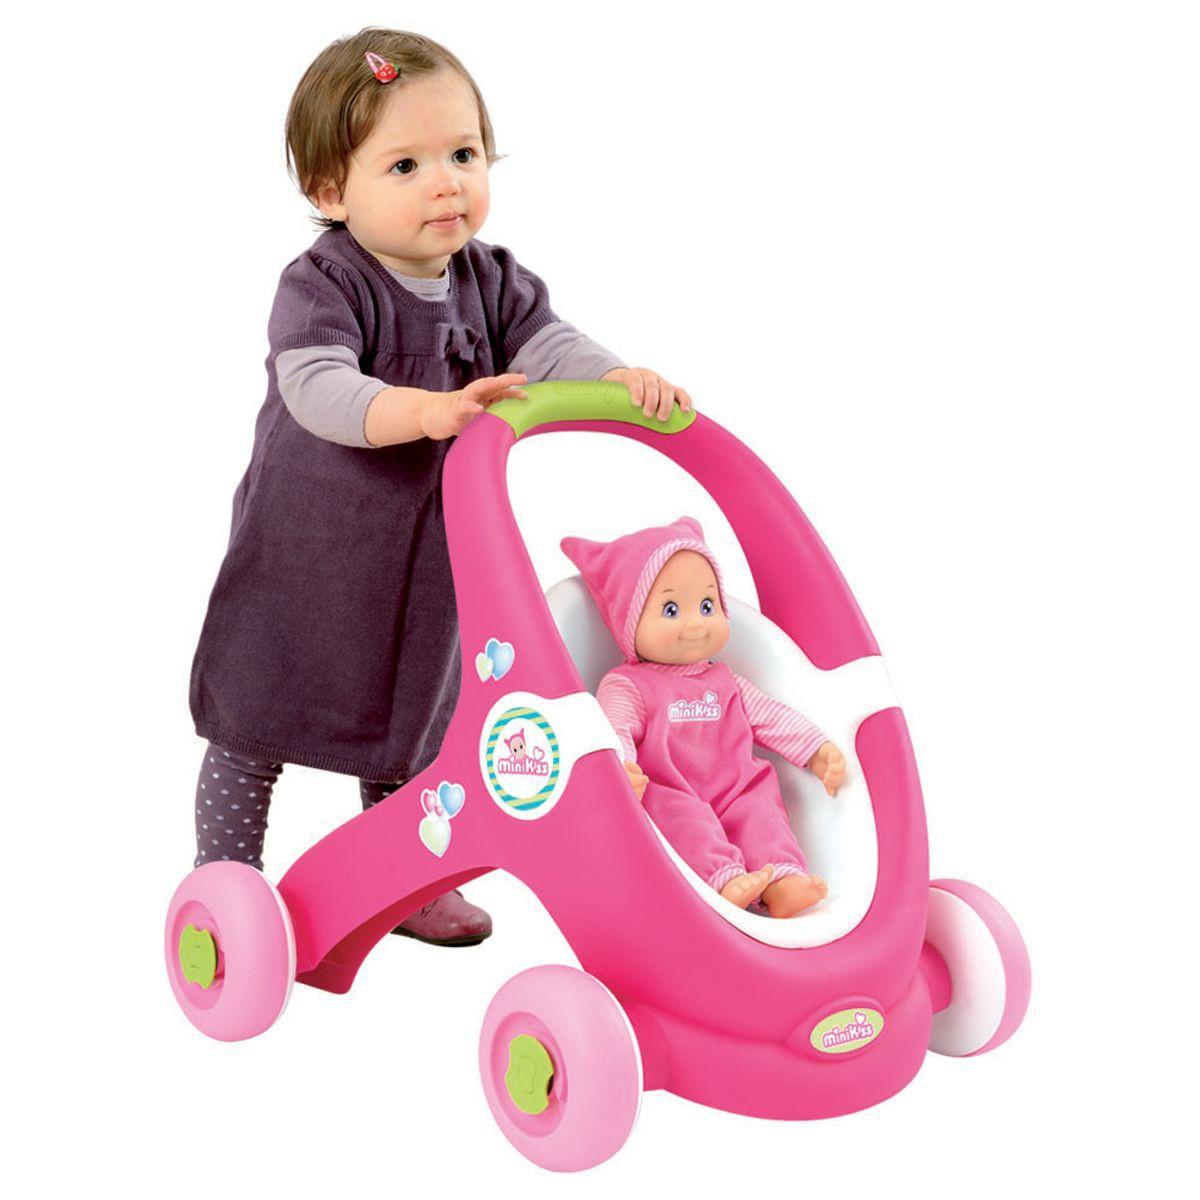 minikiss baby walker